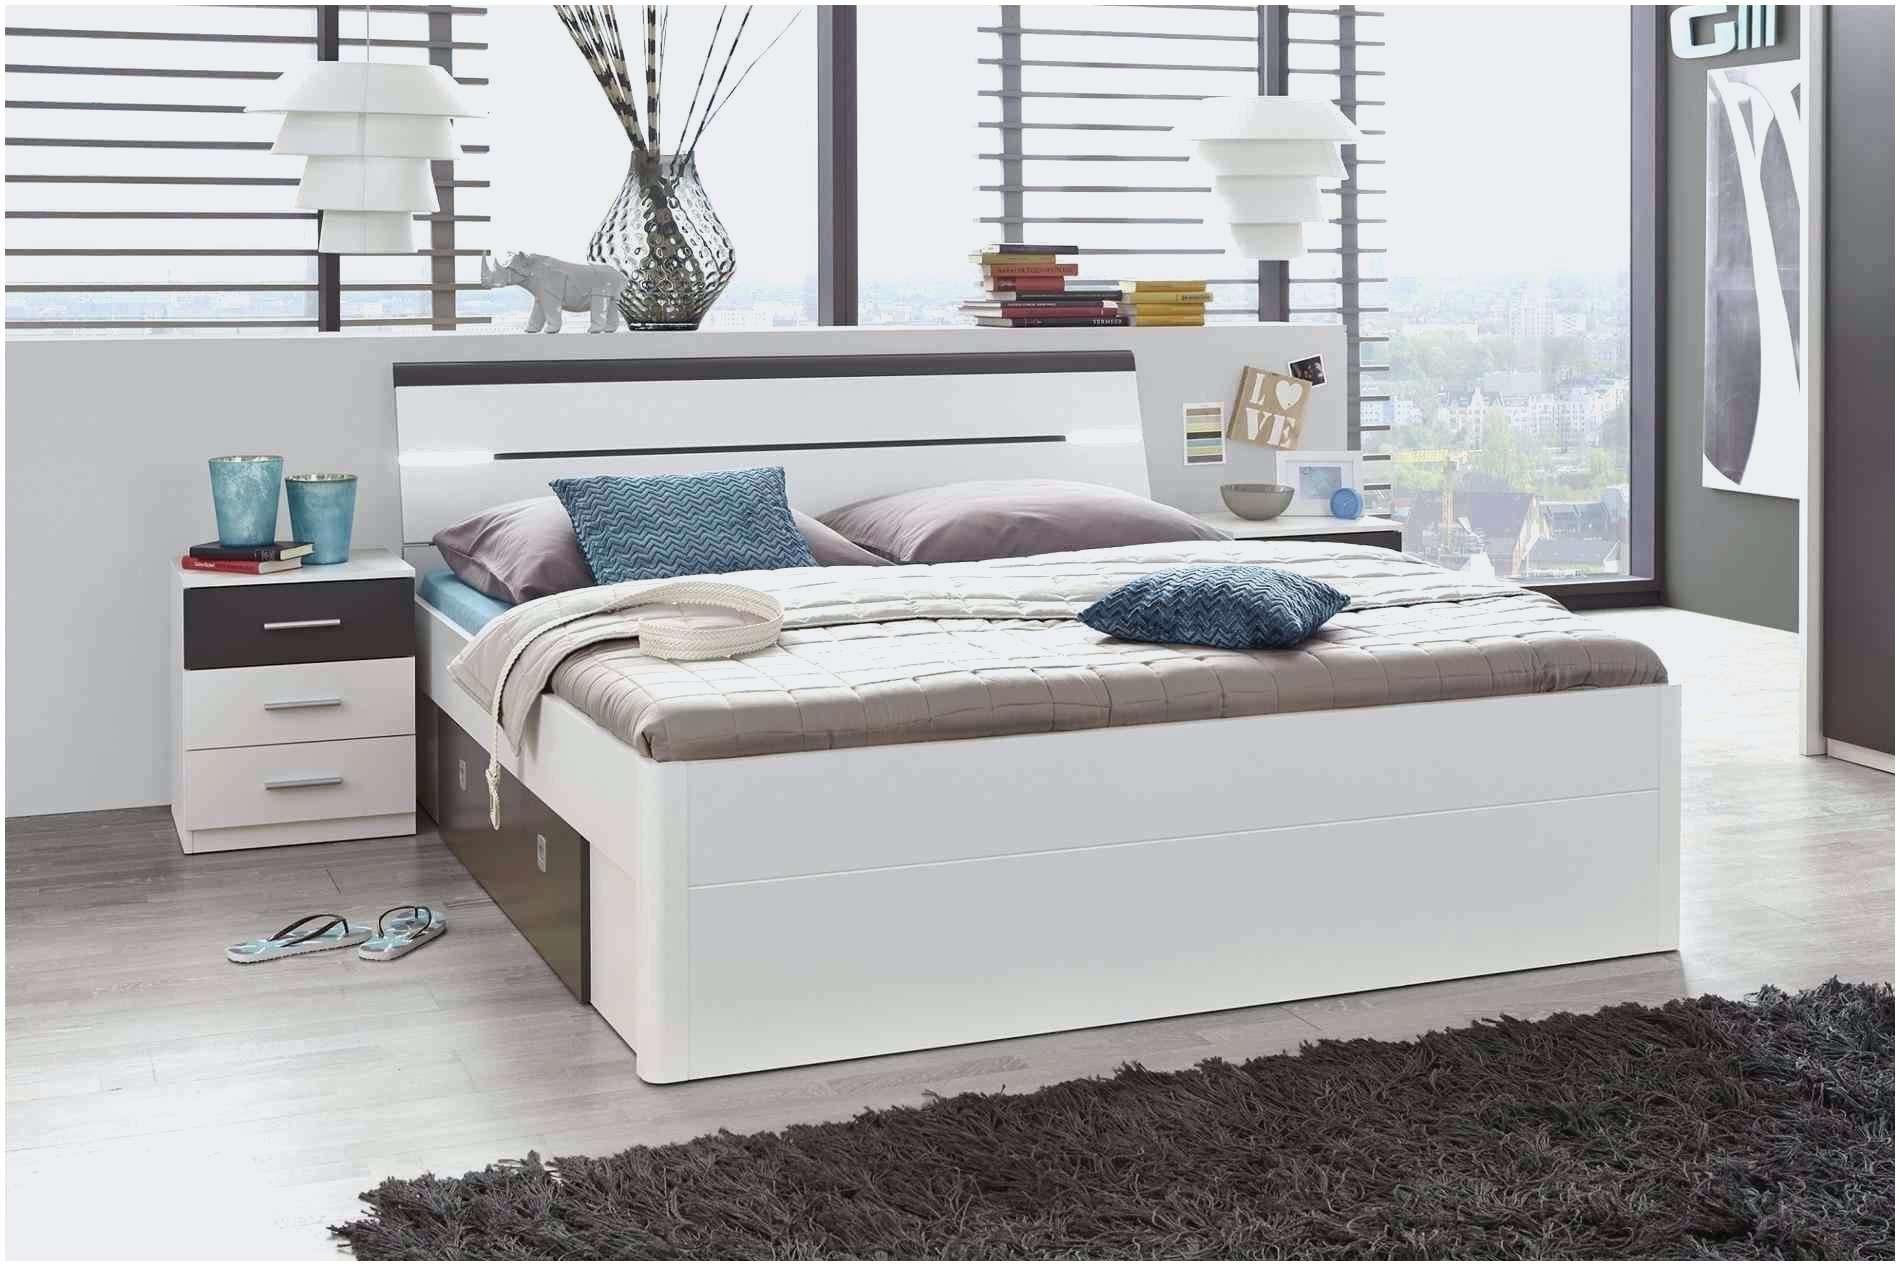 Lit Mezzanine 90×200 Douce Le Meilleur De Kura Reversible Bed White Pine 90 X 200 Cm Ikea Pour